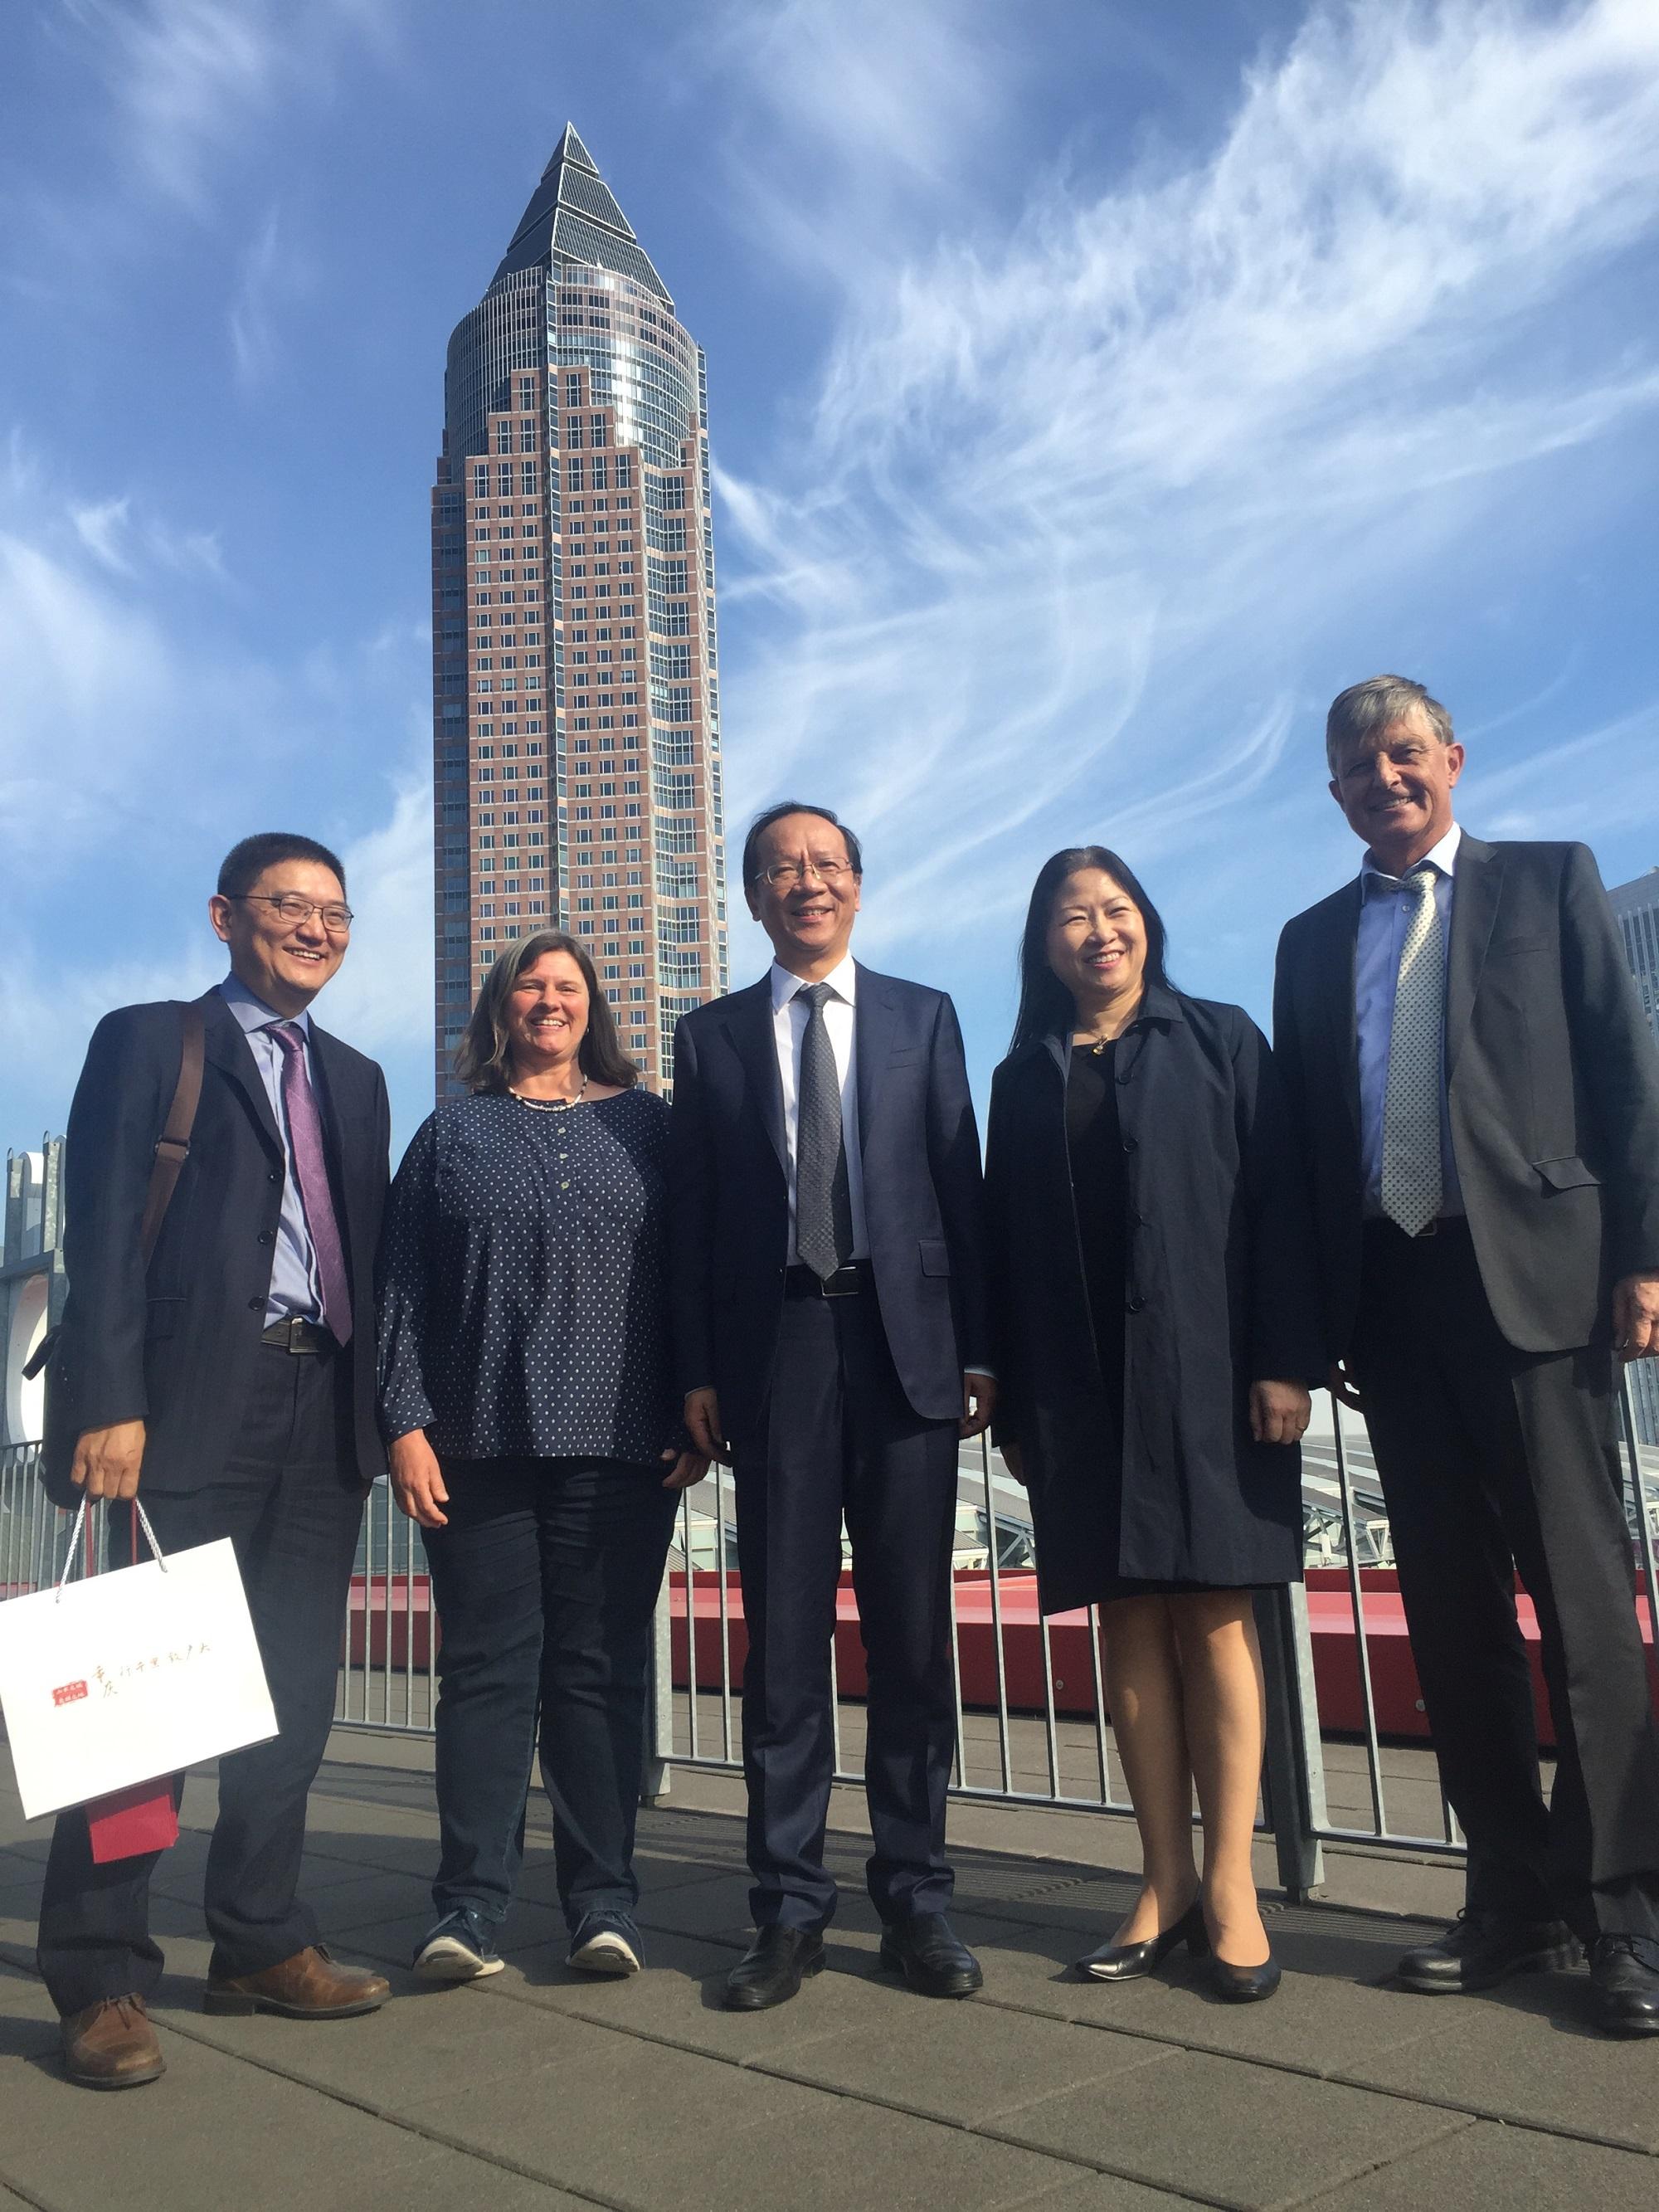 Von links: Außenwirtschaftschef LI Huiqian, Frau Annette Bernjus, DelLeiter SHEN Xiaozhong, Frau CUI Li und Dr. Borchmann